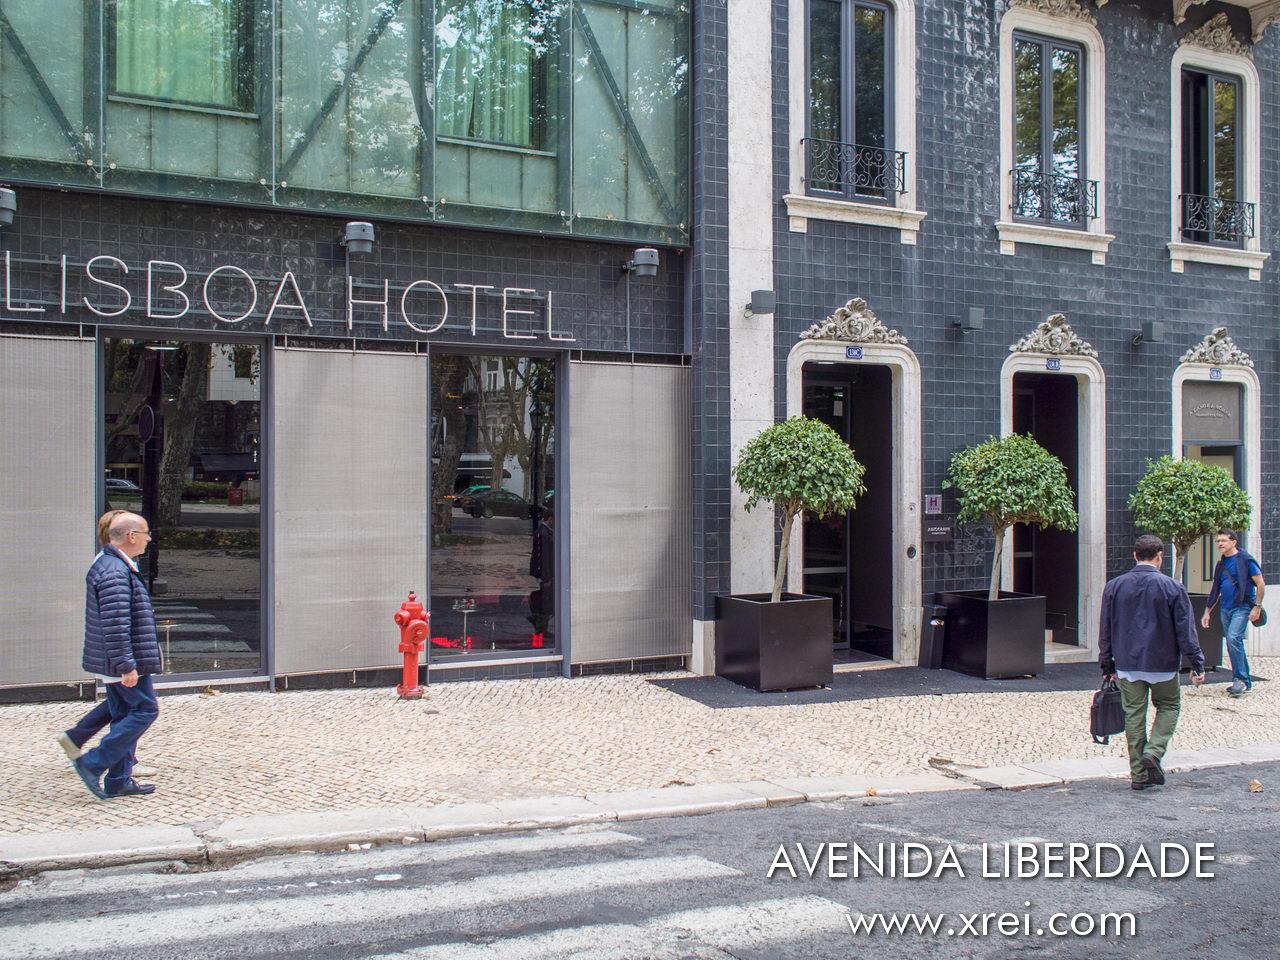 Hotel Lisboa Liberdade